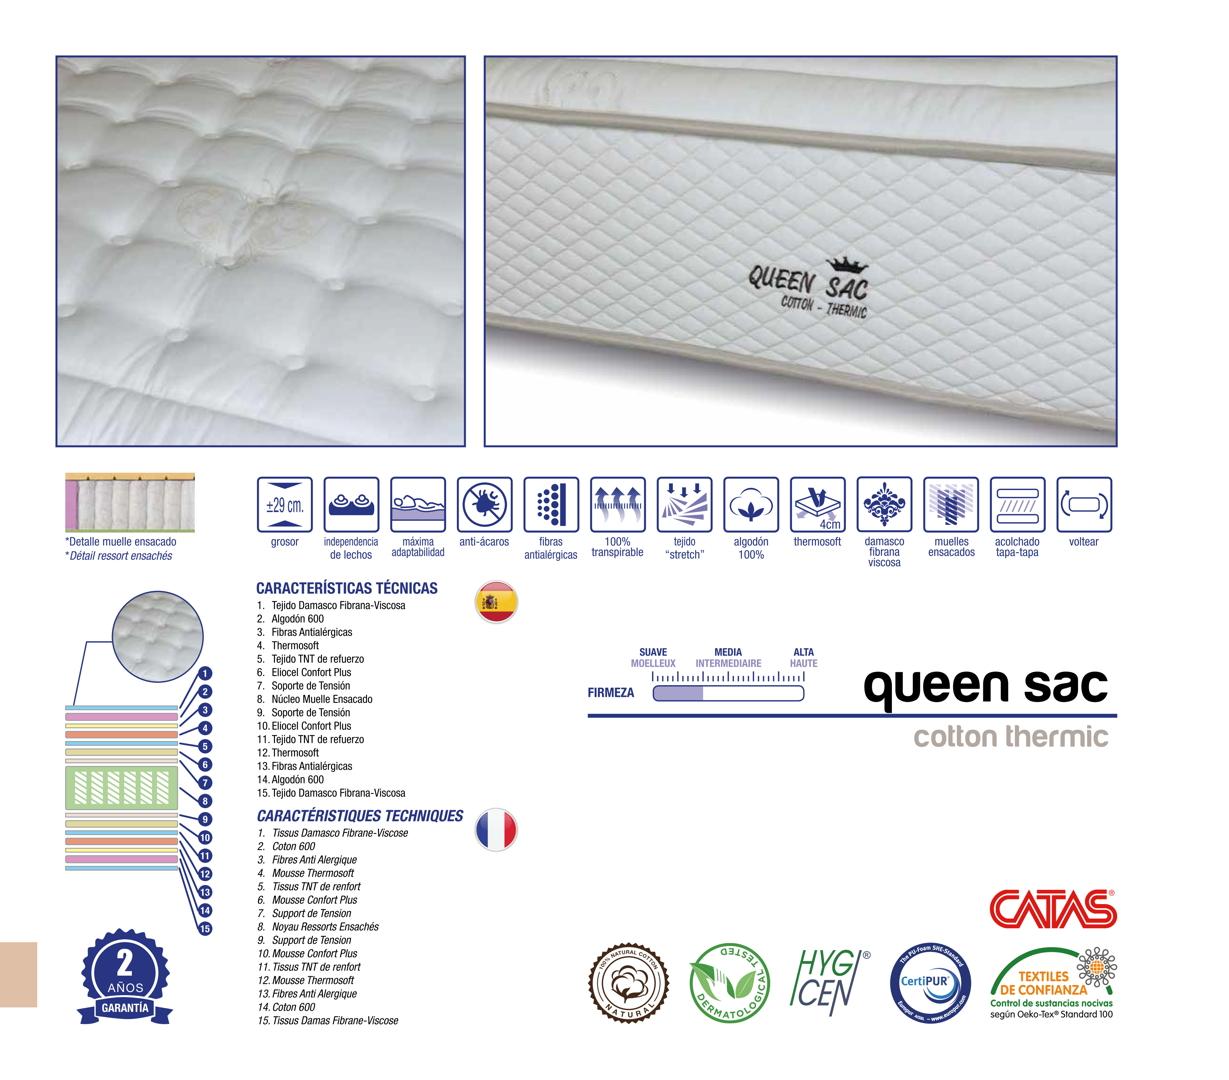 colchones randor ensacados queen sac cotton thermic